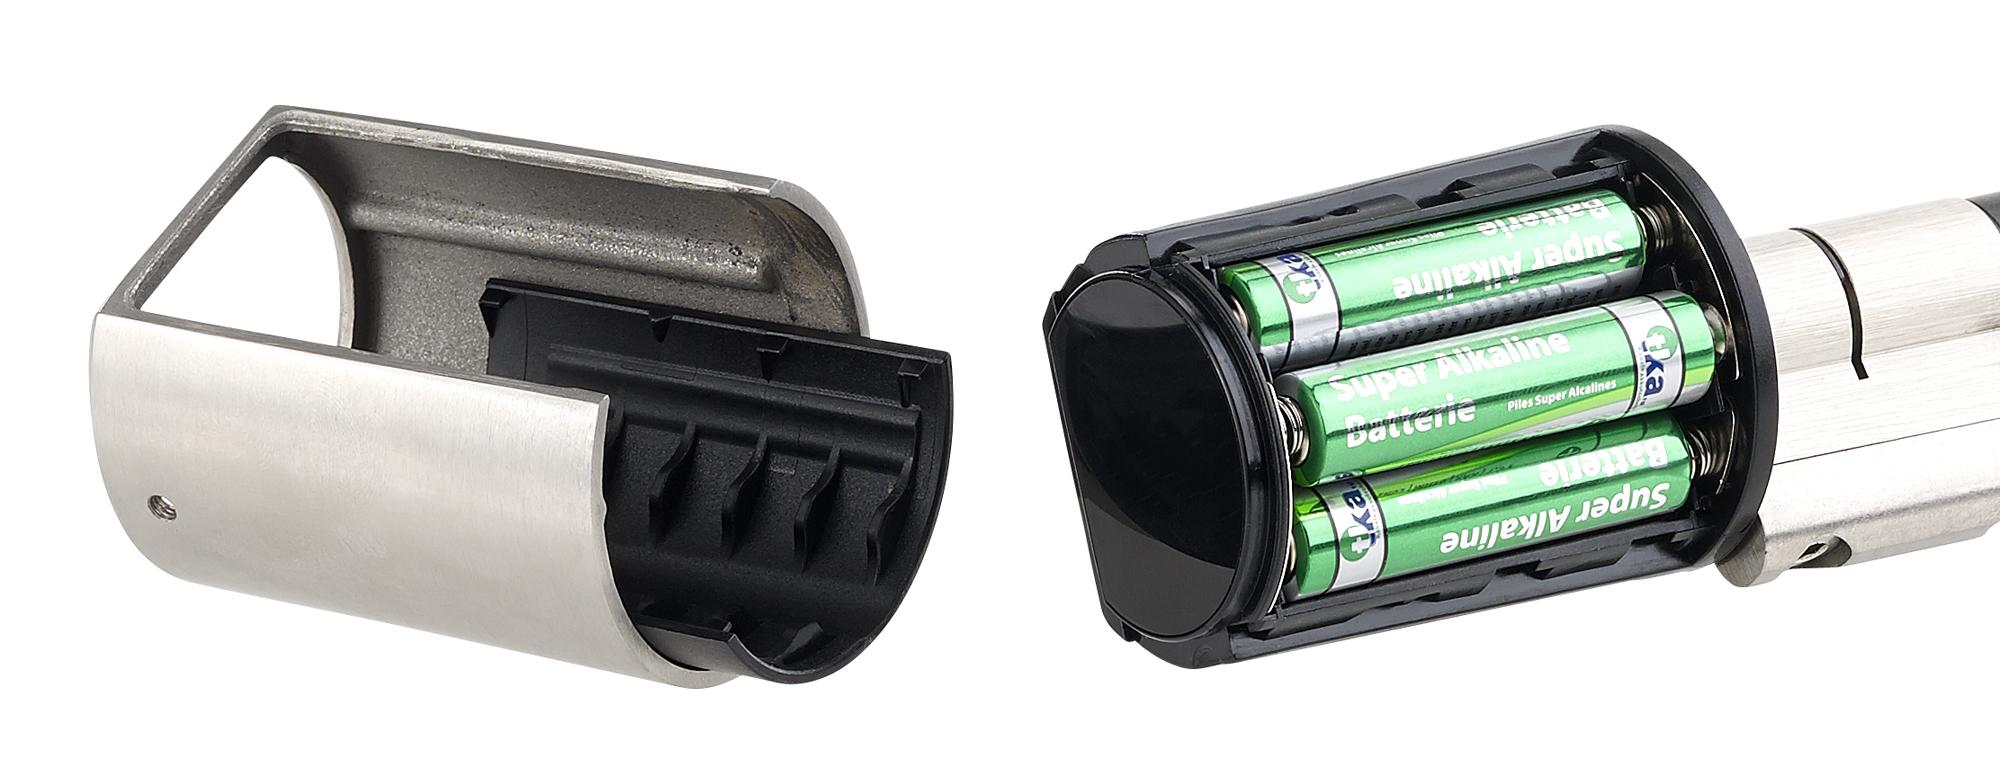 Visortech Elektronischer Tür Schließzylinder Transponder Schlüssel